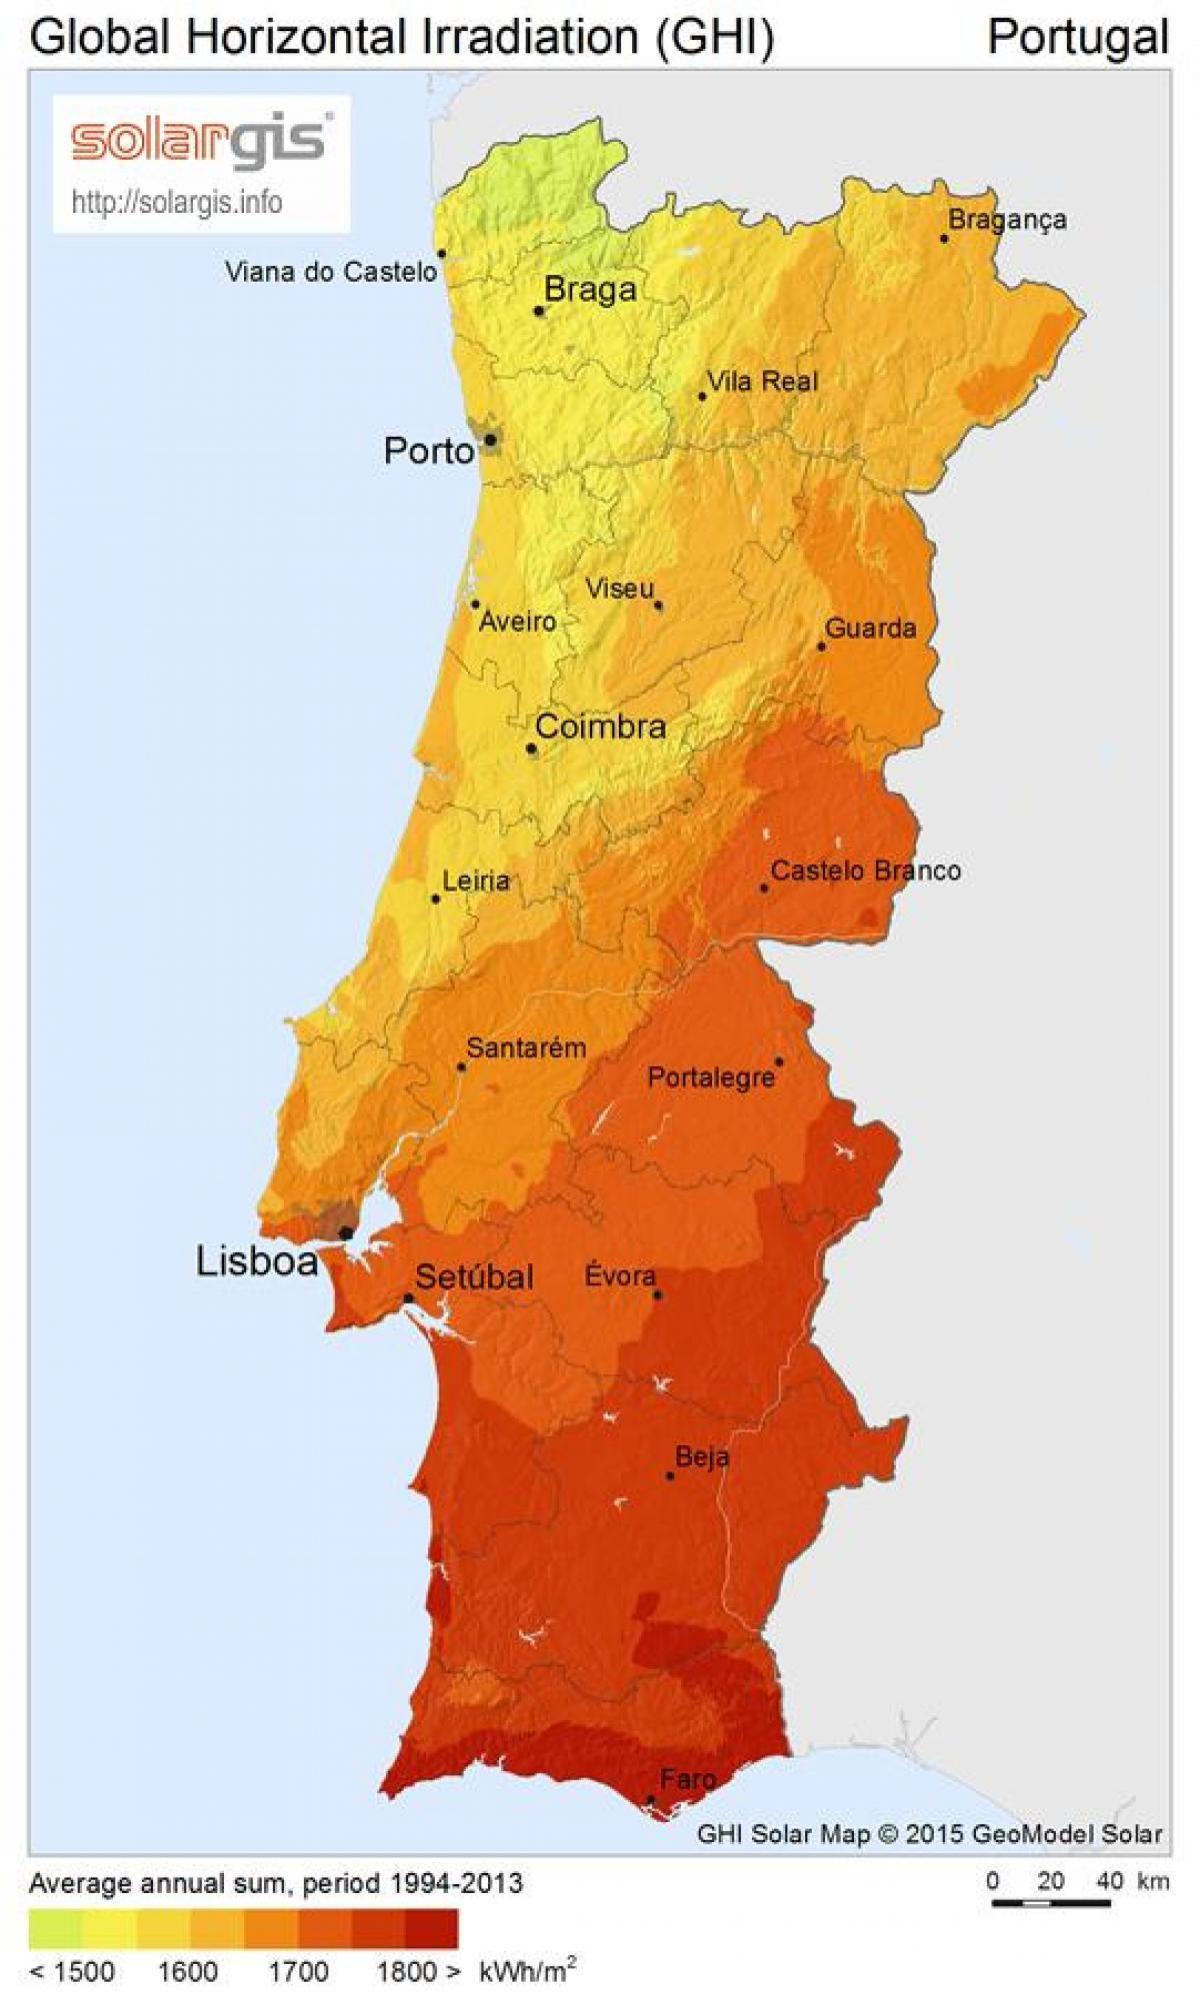 mapa climatico de portugal Portugal mapa do tempo   Clima mapa de Portugal (Europa do Sul  mapa climatico de portugal